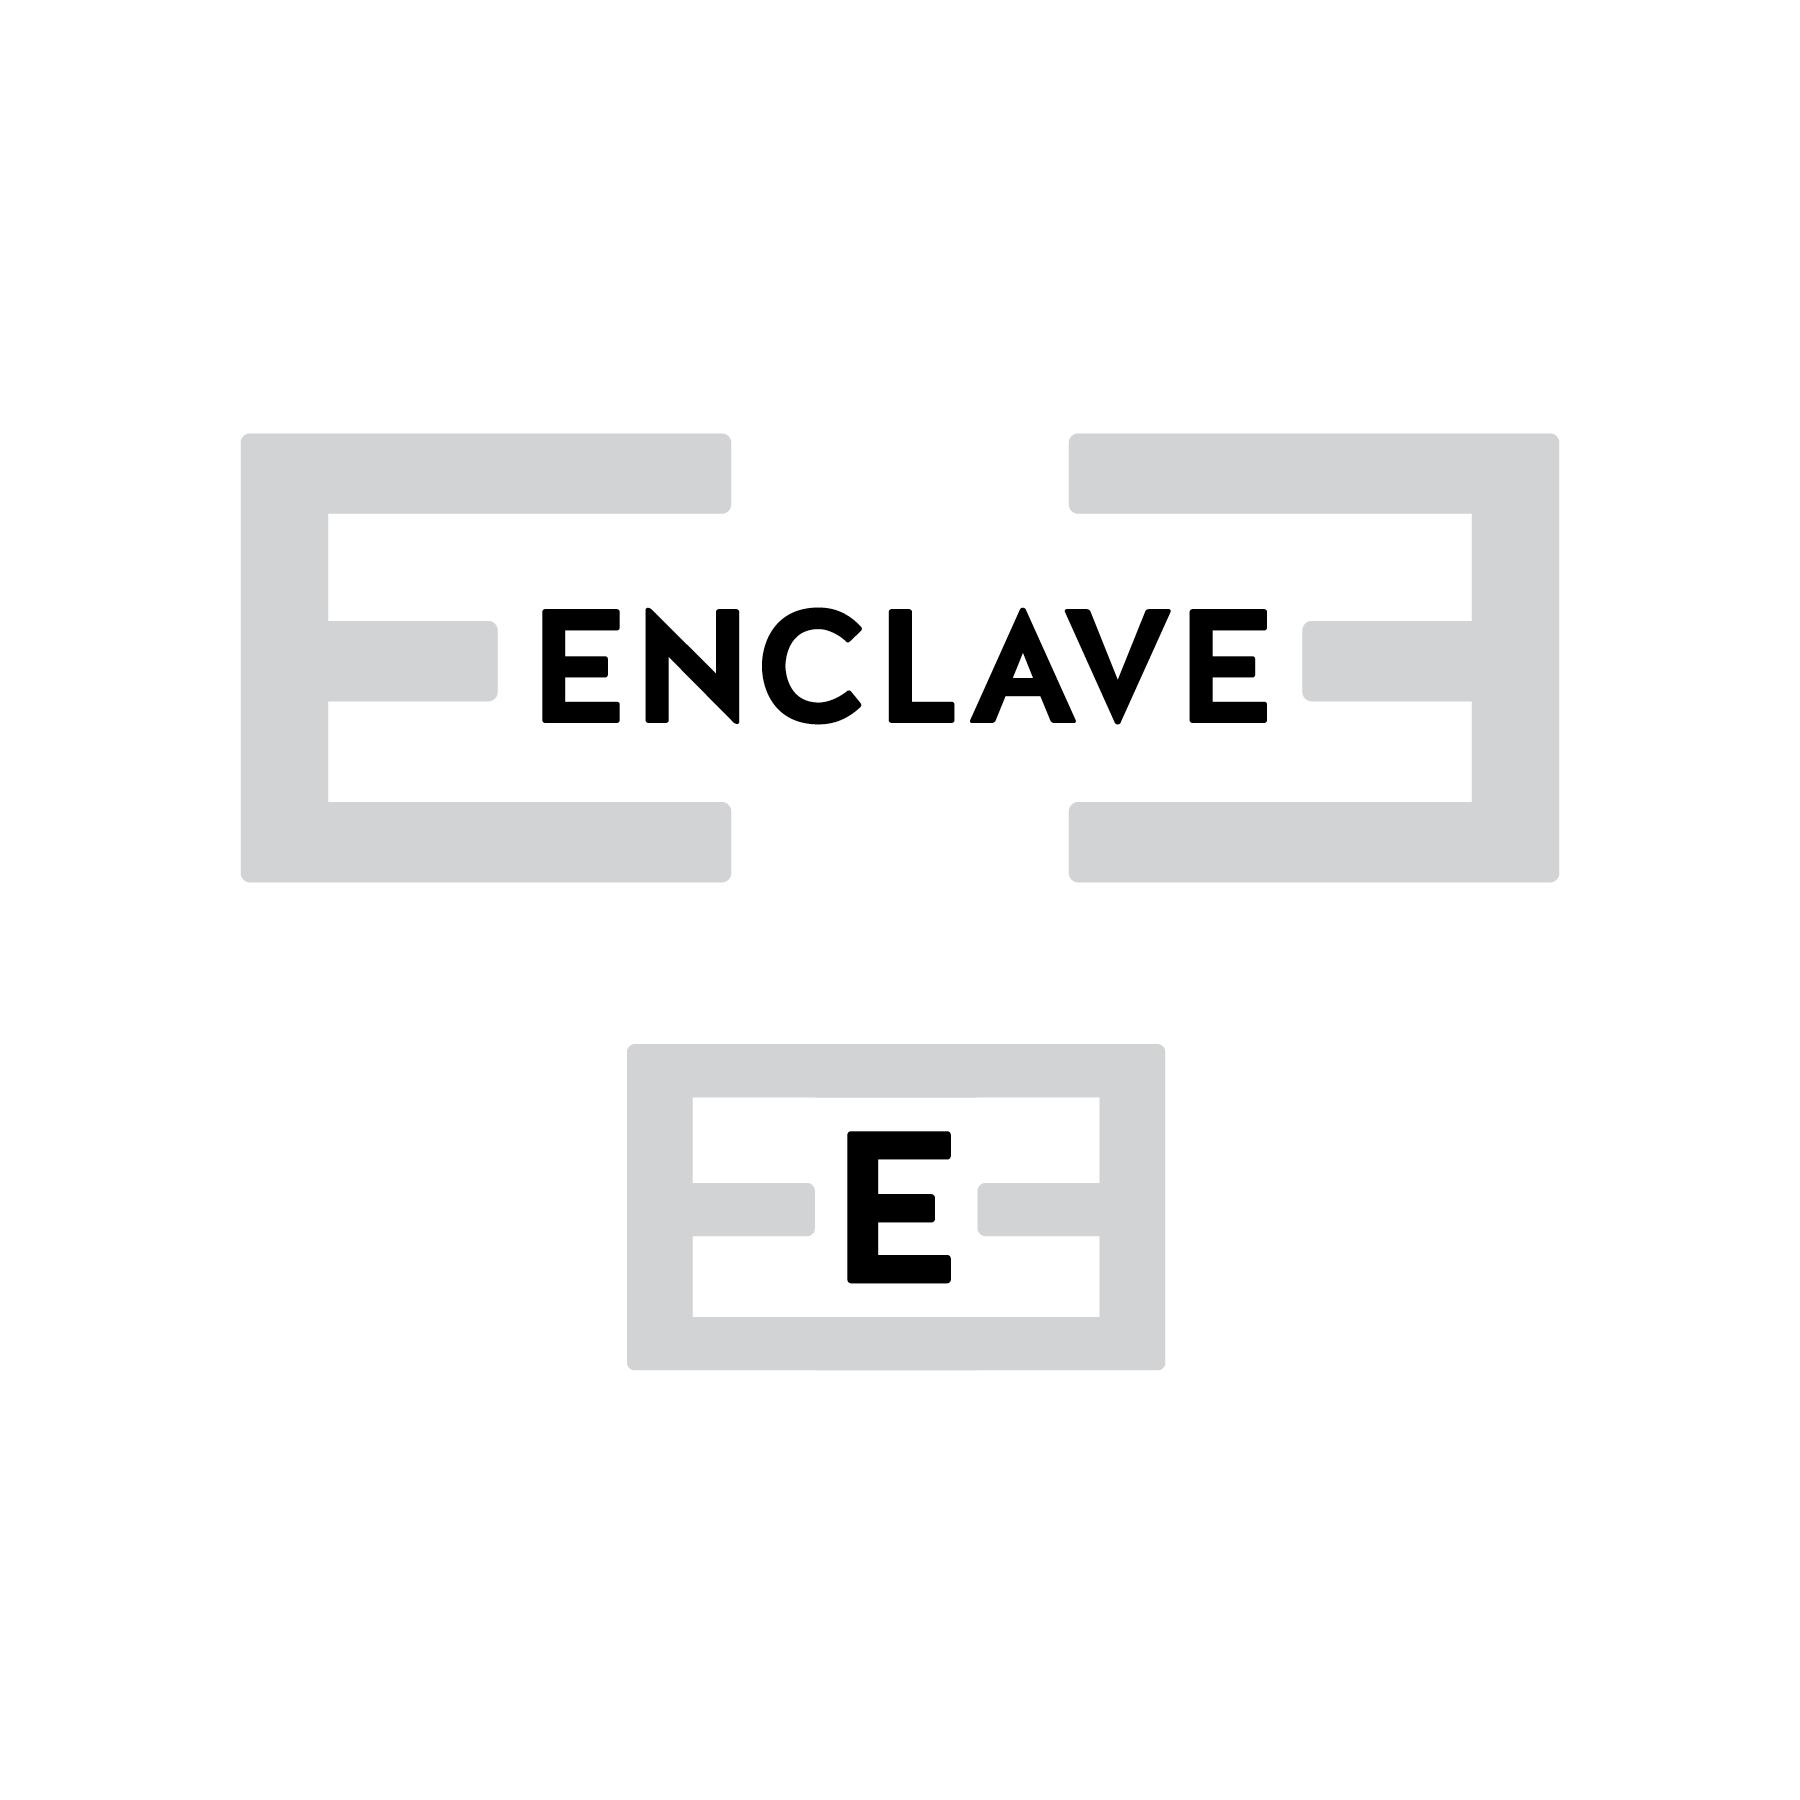 Enclave1-2.jpg